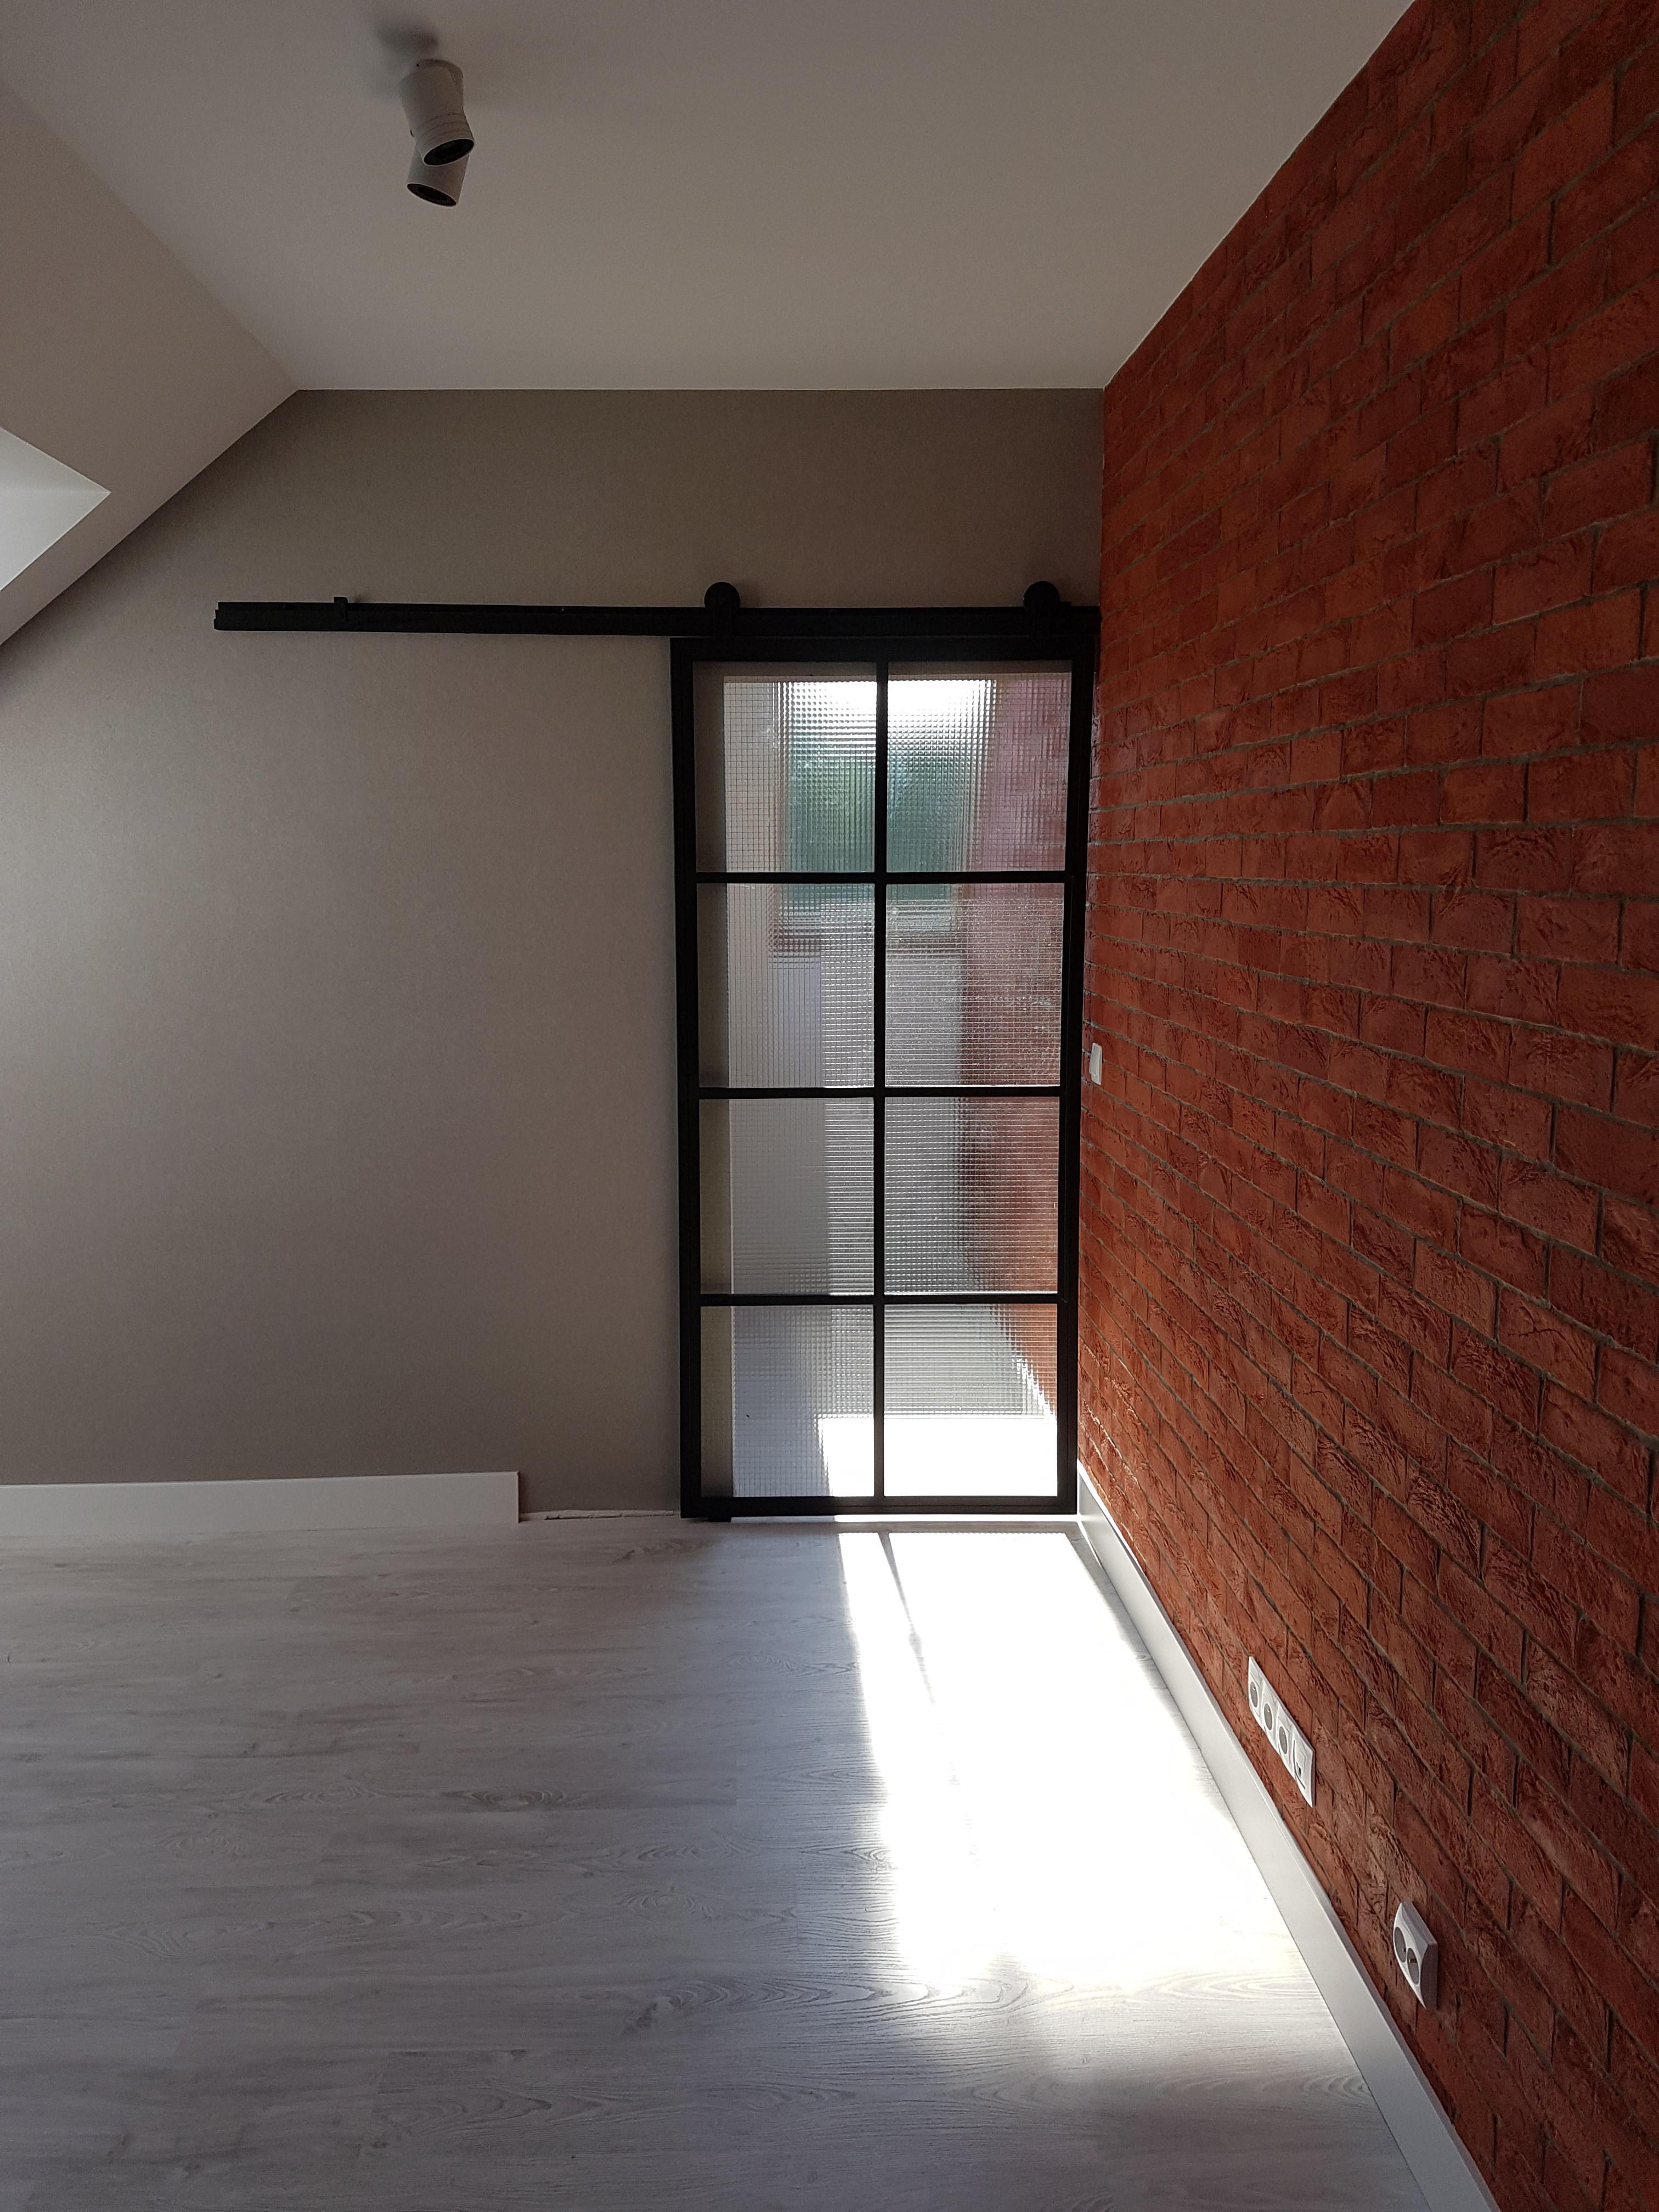 drzwi przesuwne ze szkłem zbrojonym gdel